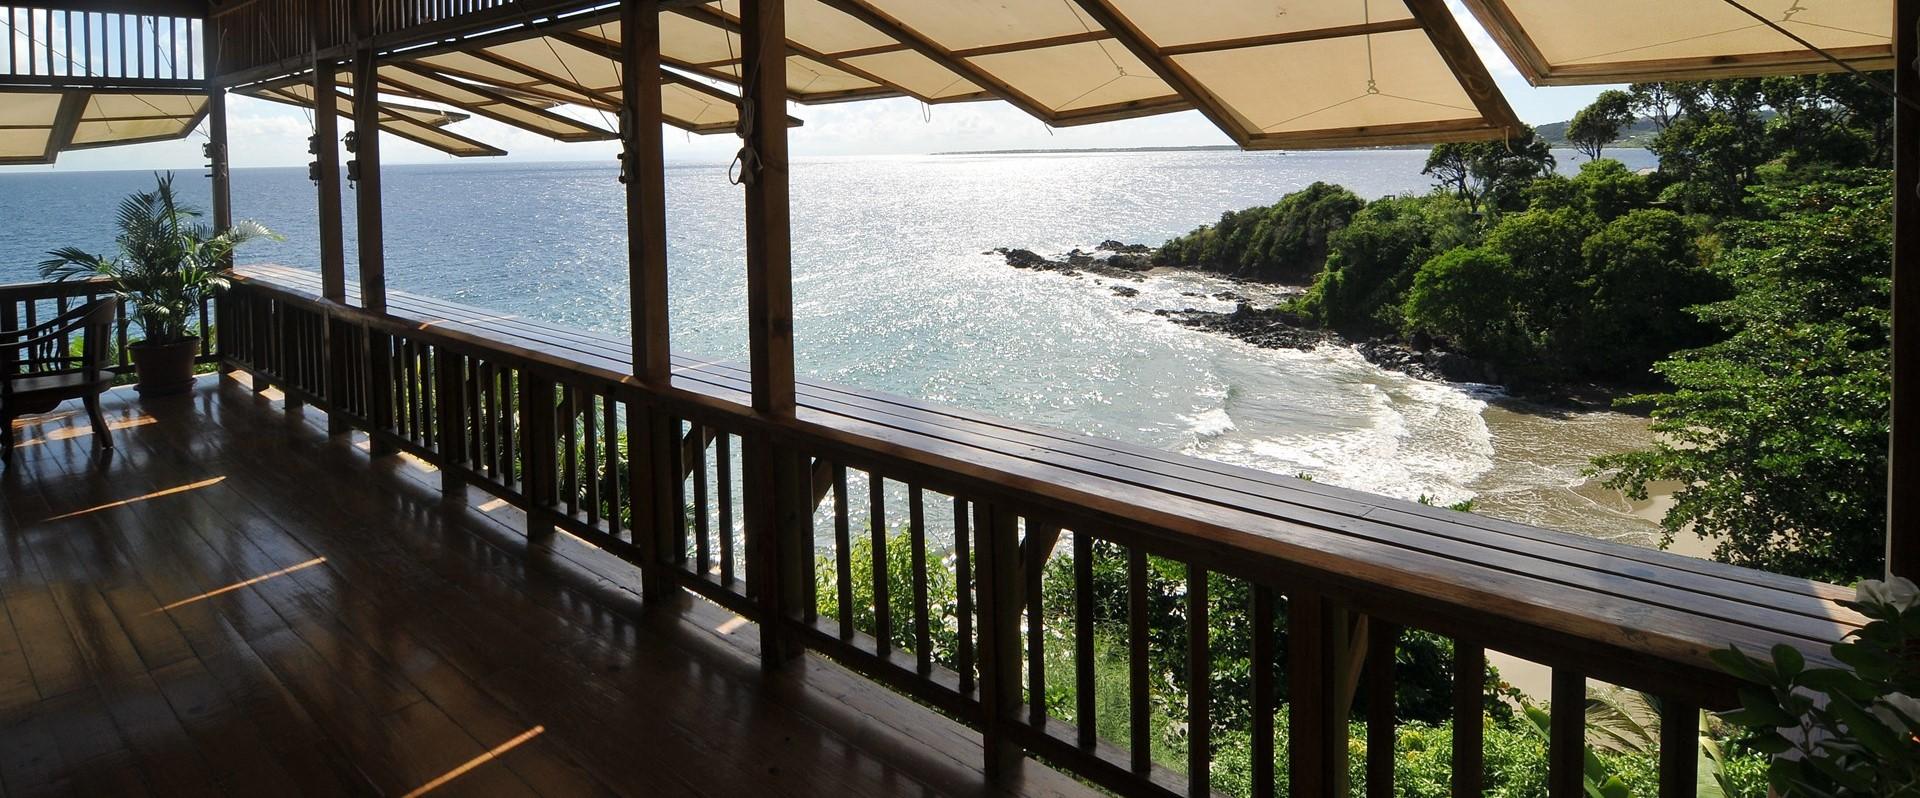 villa-ohana-tobago-beach-view-deck